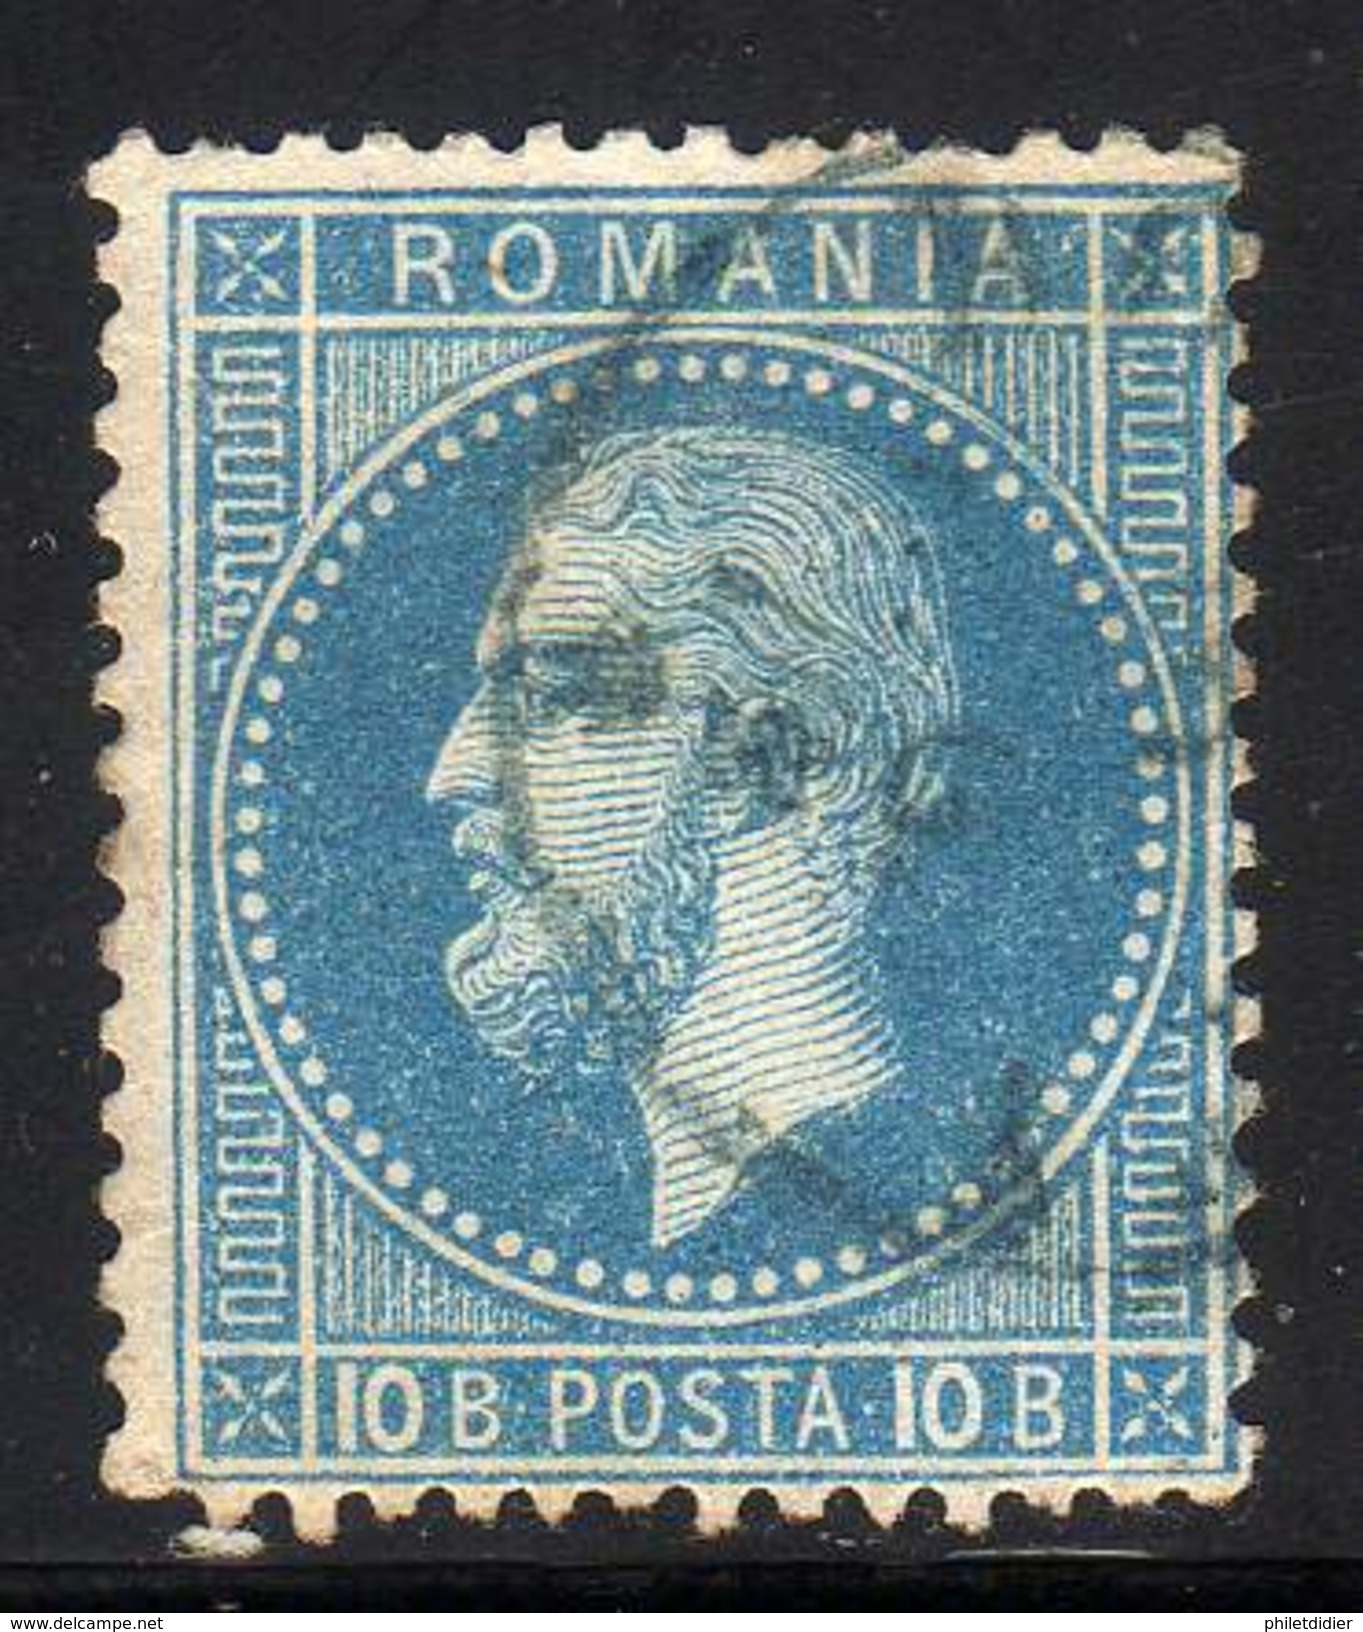 ROUMANIE YT 39 OBLITERE COTE 2 € - 1858-1880 Moldavia & Principato